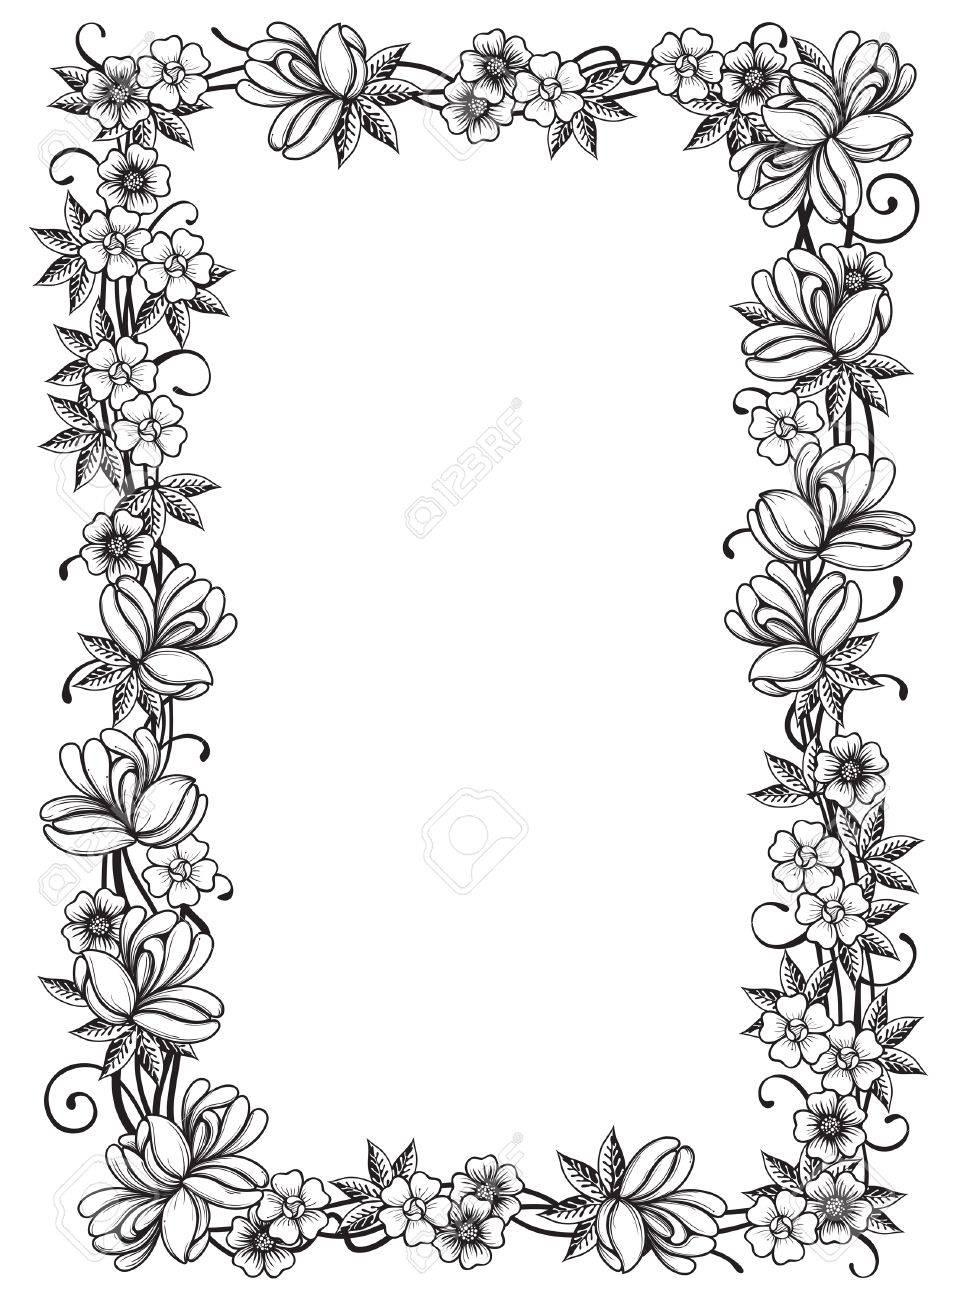 Retro Floral Rahmen Verzierten Grenze Mit Vielen Blumen Und Blätter ...